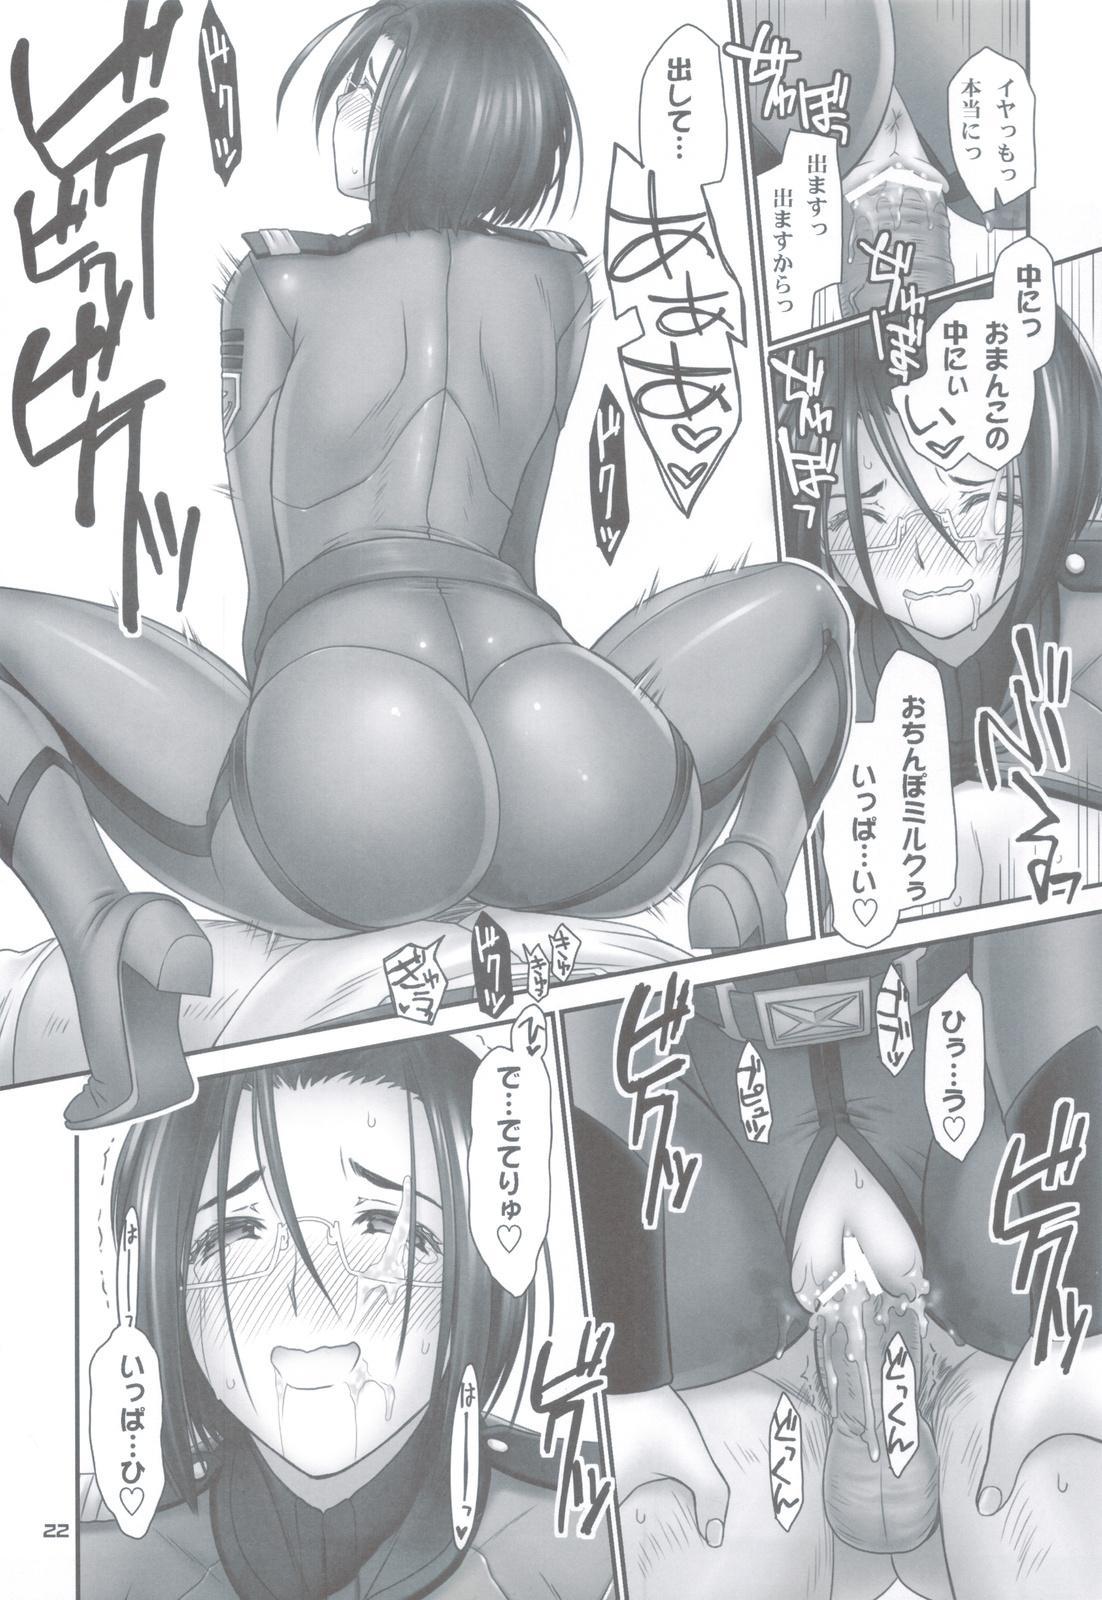 Kannaifuku ga Ki ni Natte Shikata ga Nai 2199 + Omake Bon 20